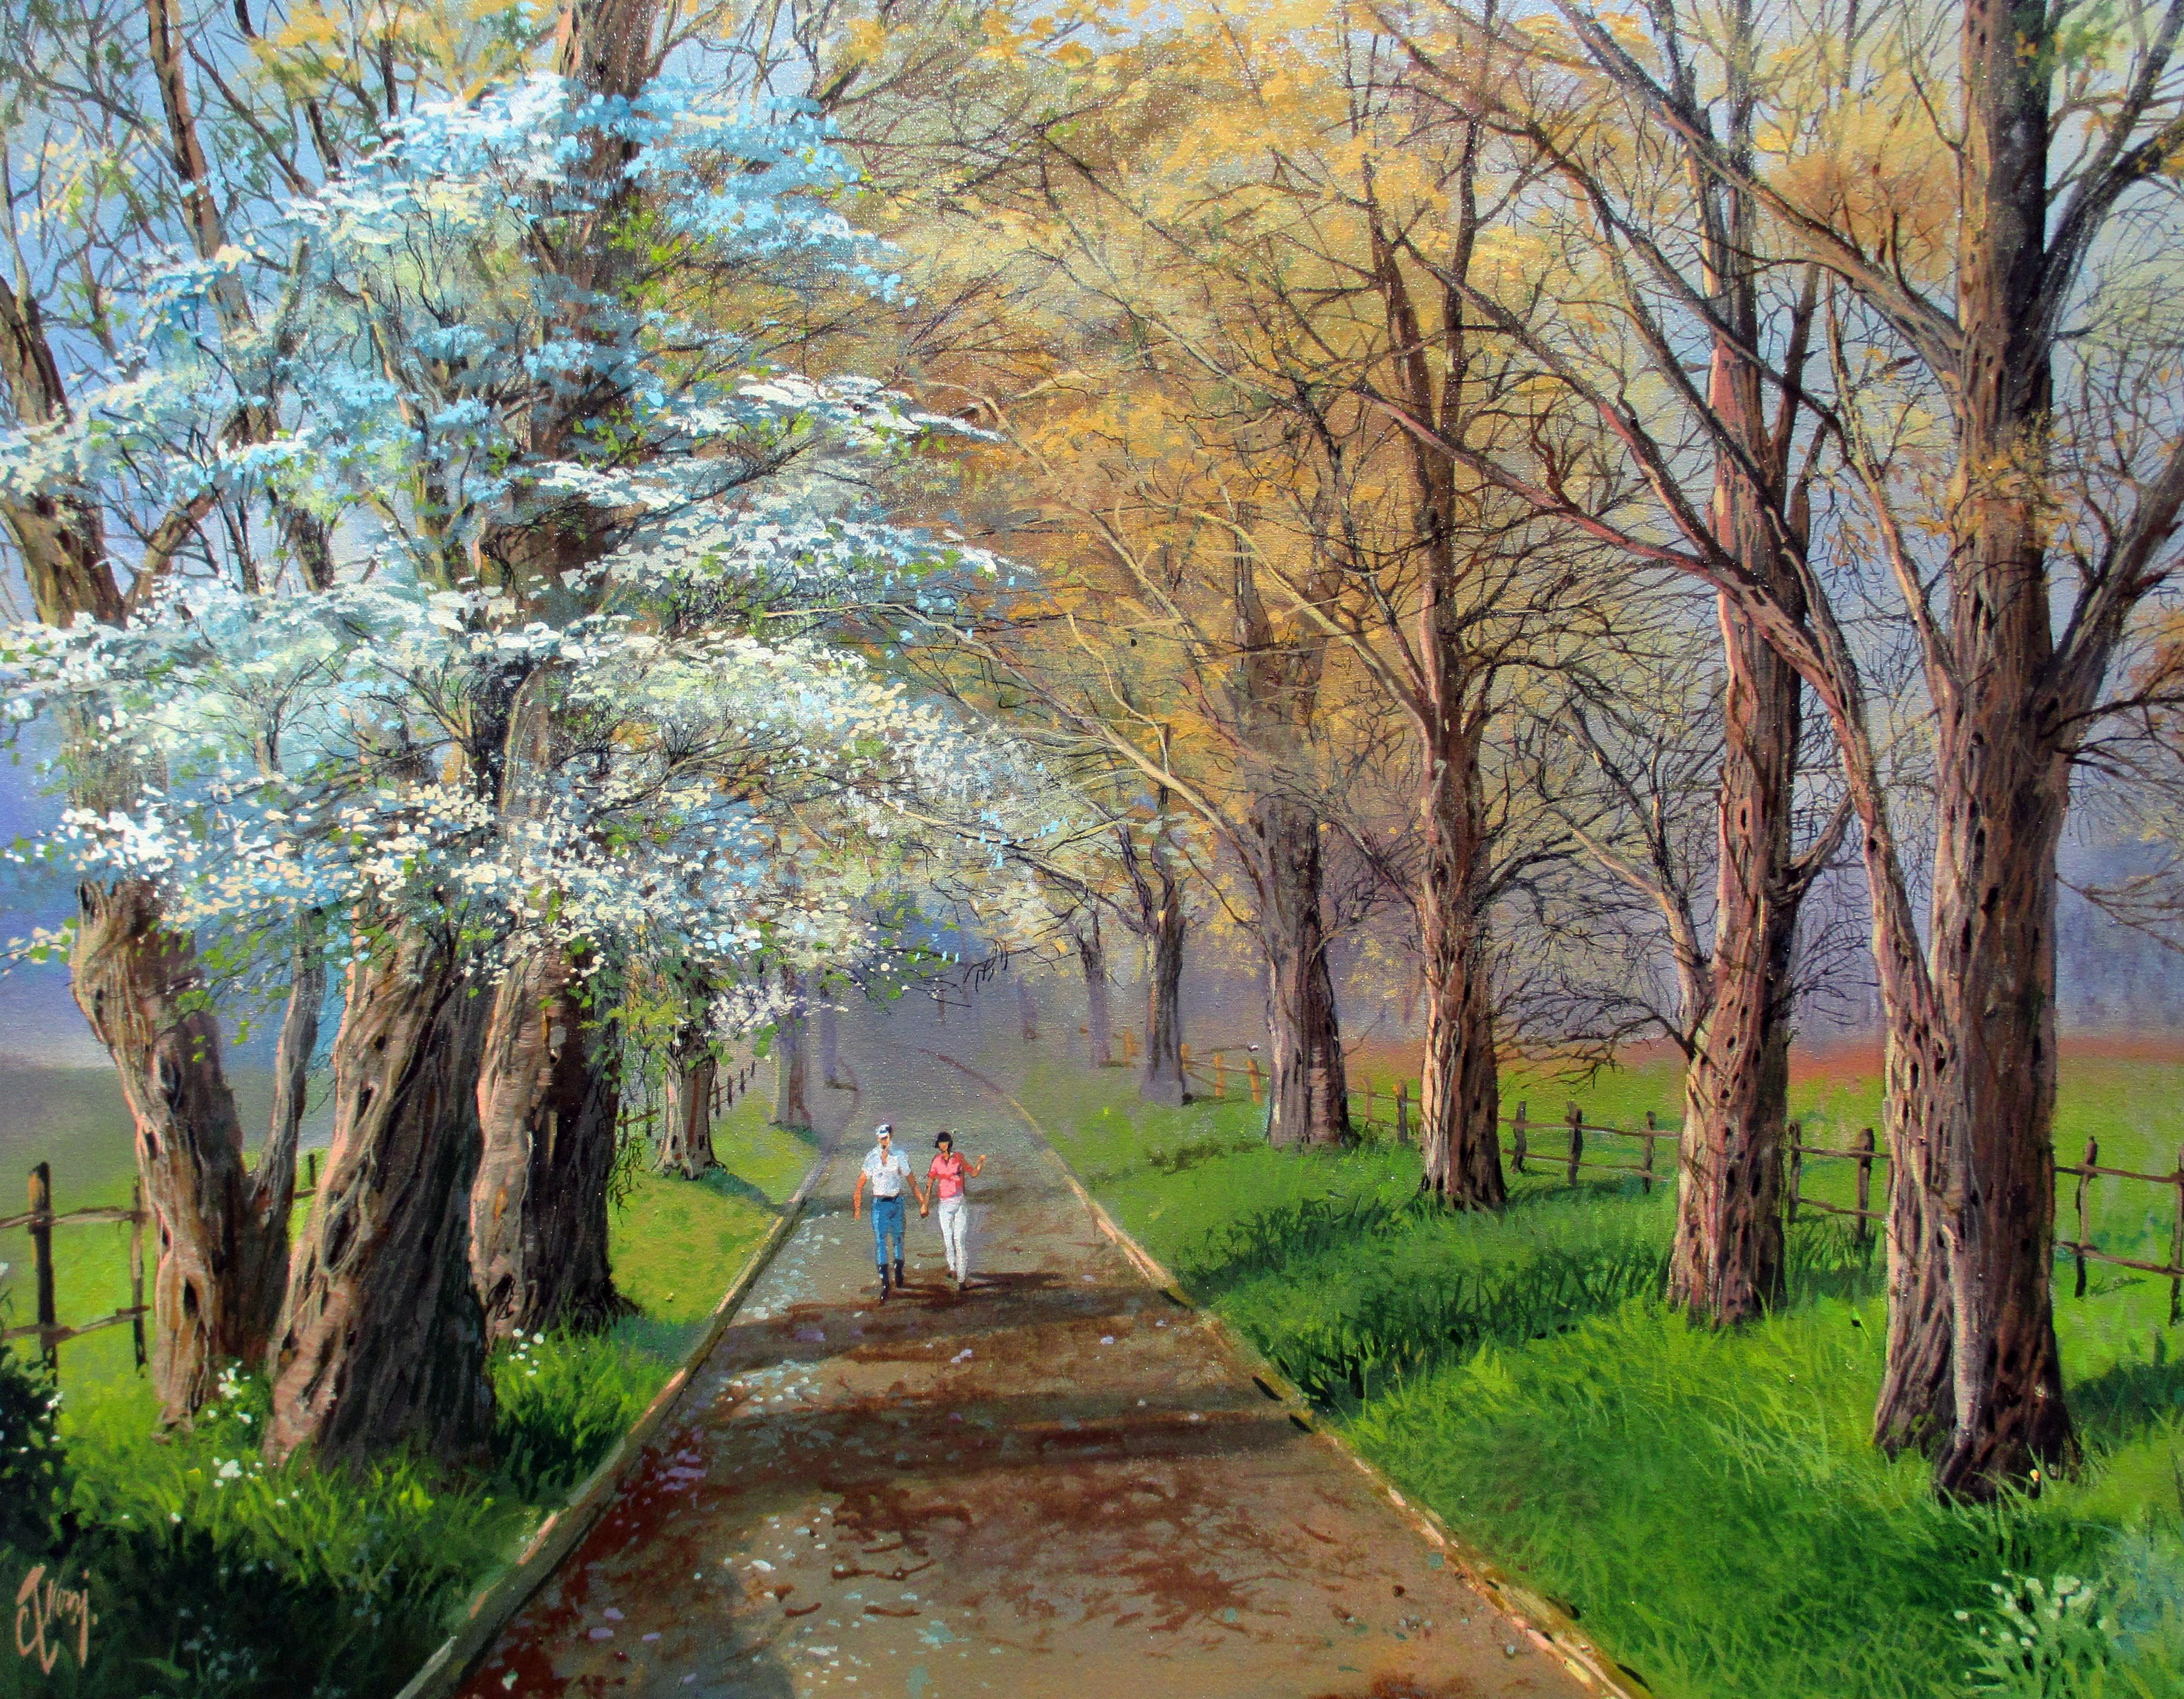 Cecconi-Caminhando juntos-2546-a